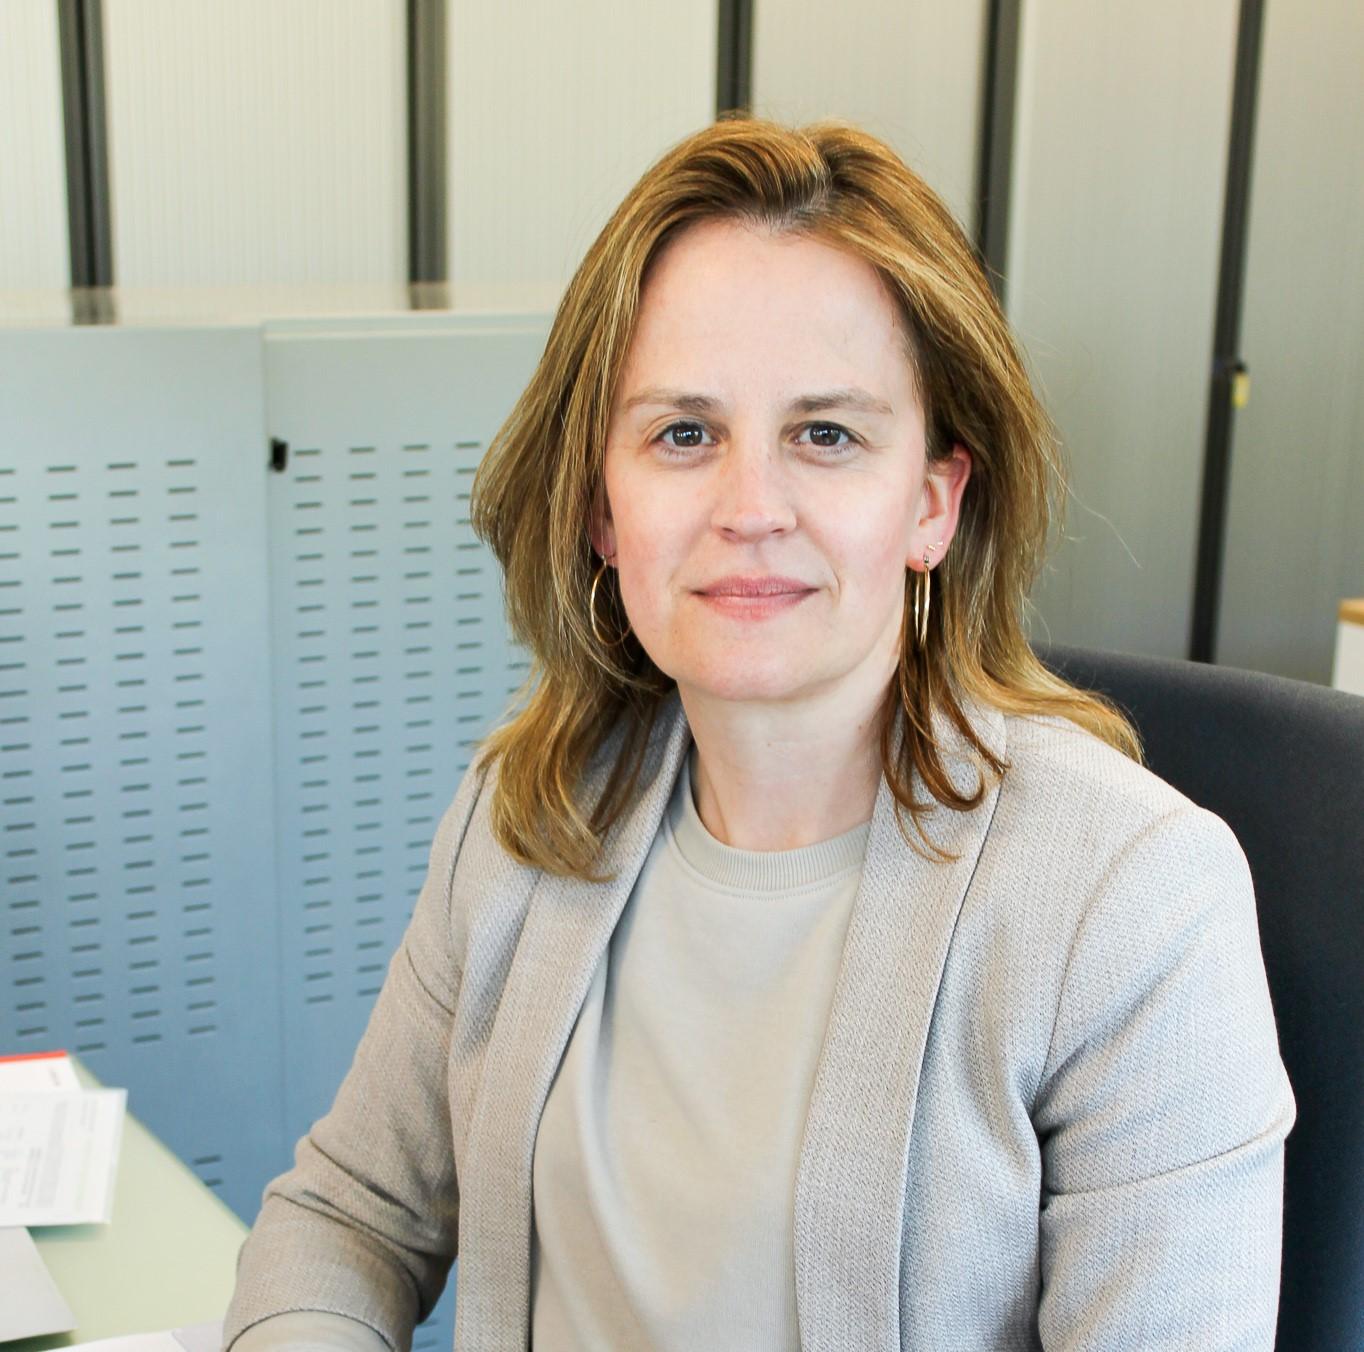 Foto van Sofie aan haar werkplaats.